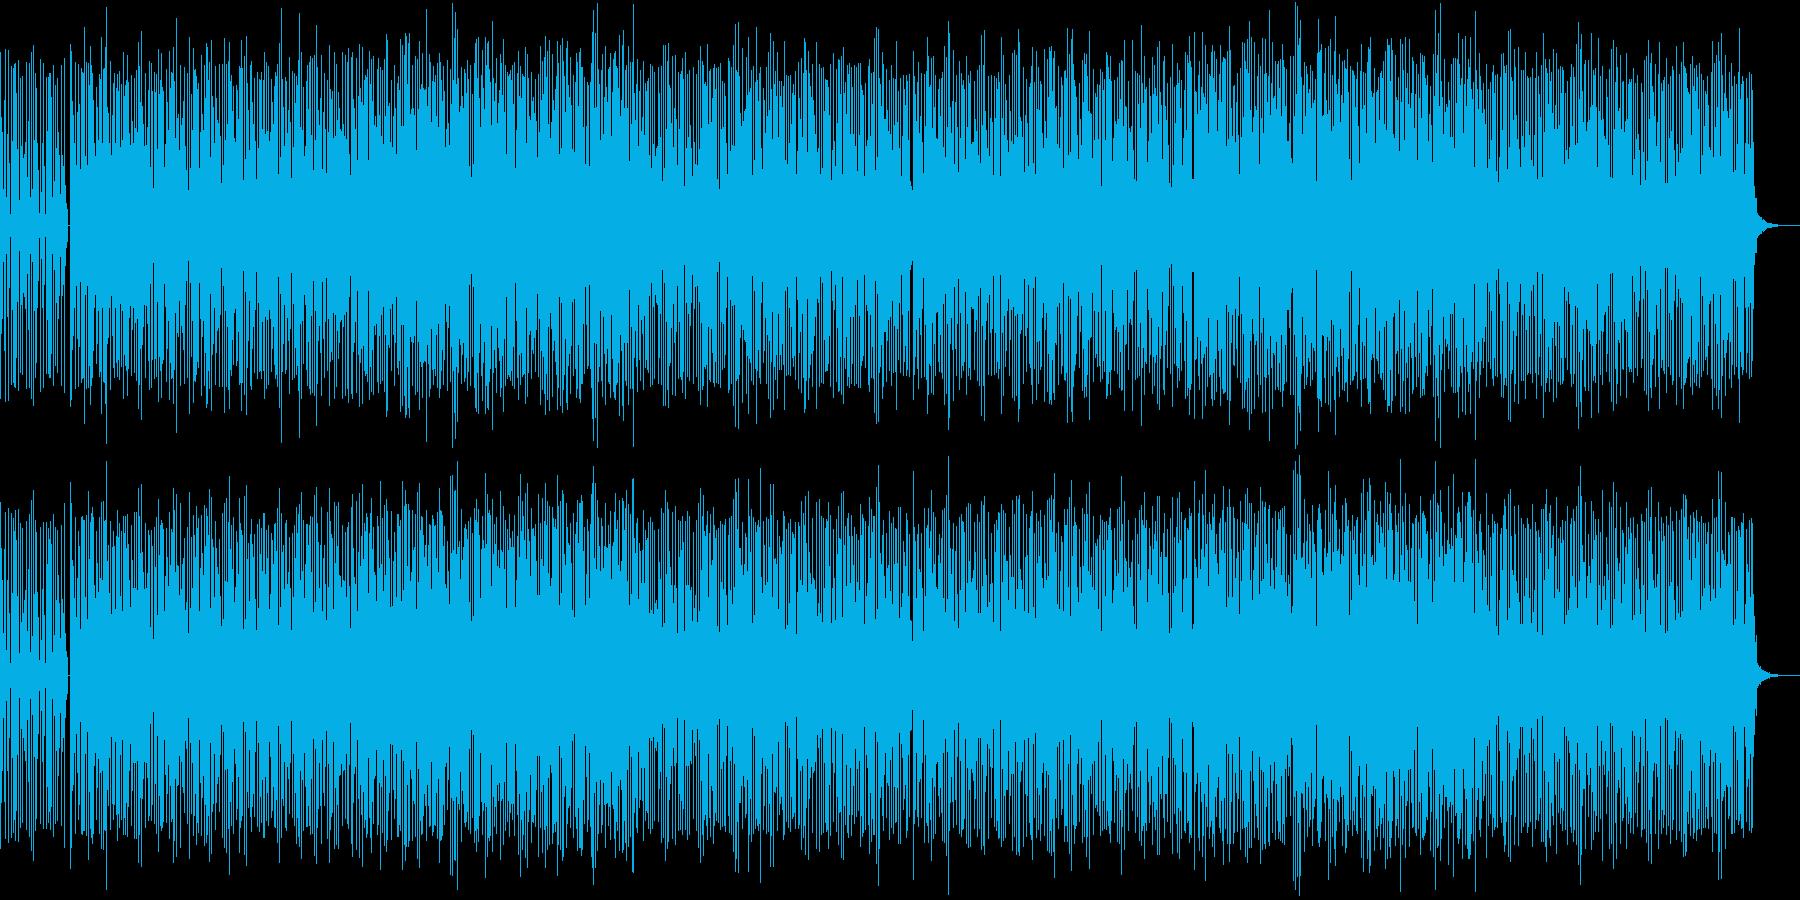 哀愁感漂うビアノンベースの再生済みの波形